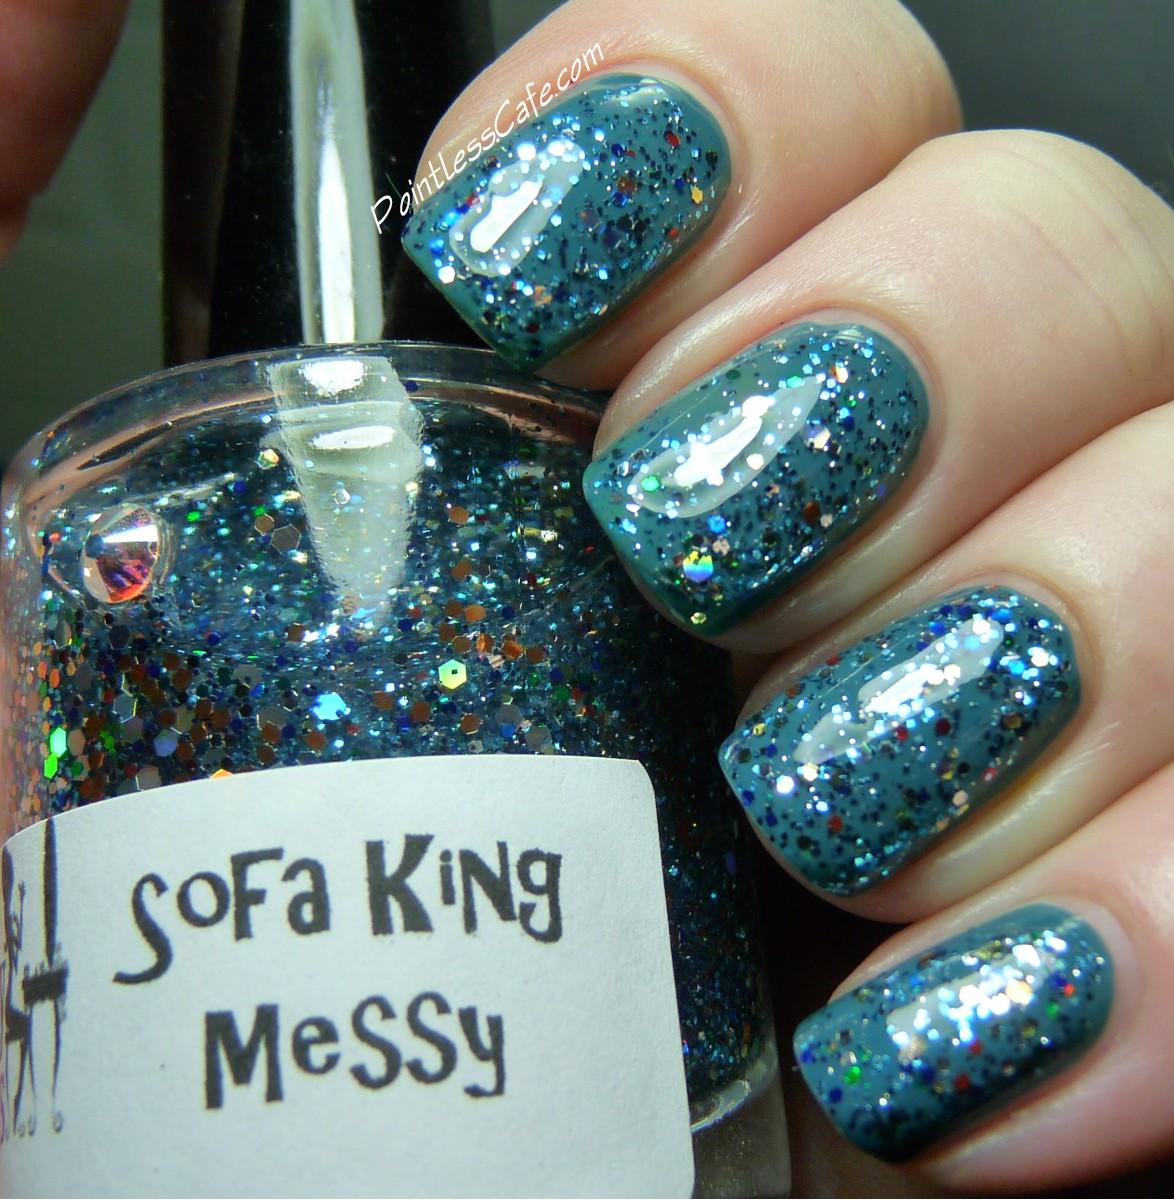 bits sofa king messy girly bits sofa king messy girly bits sofa king